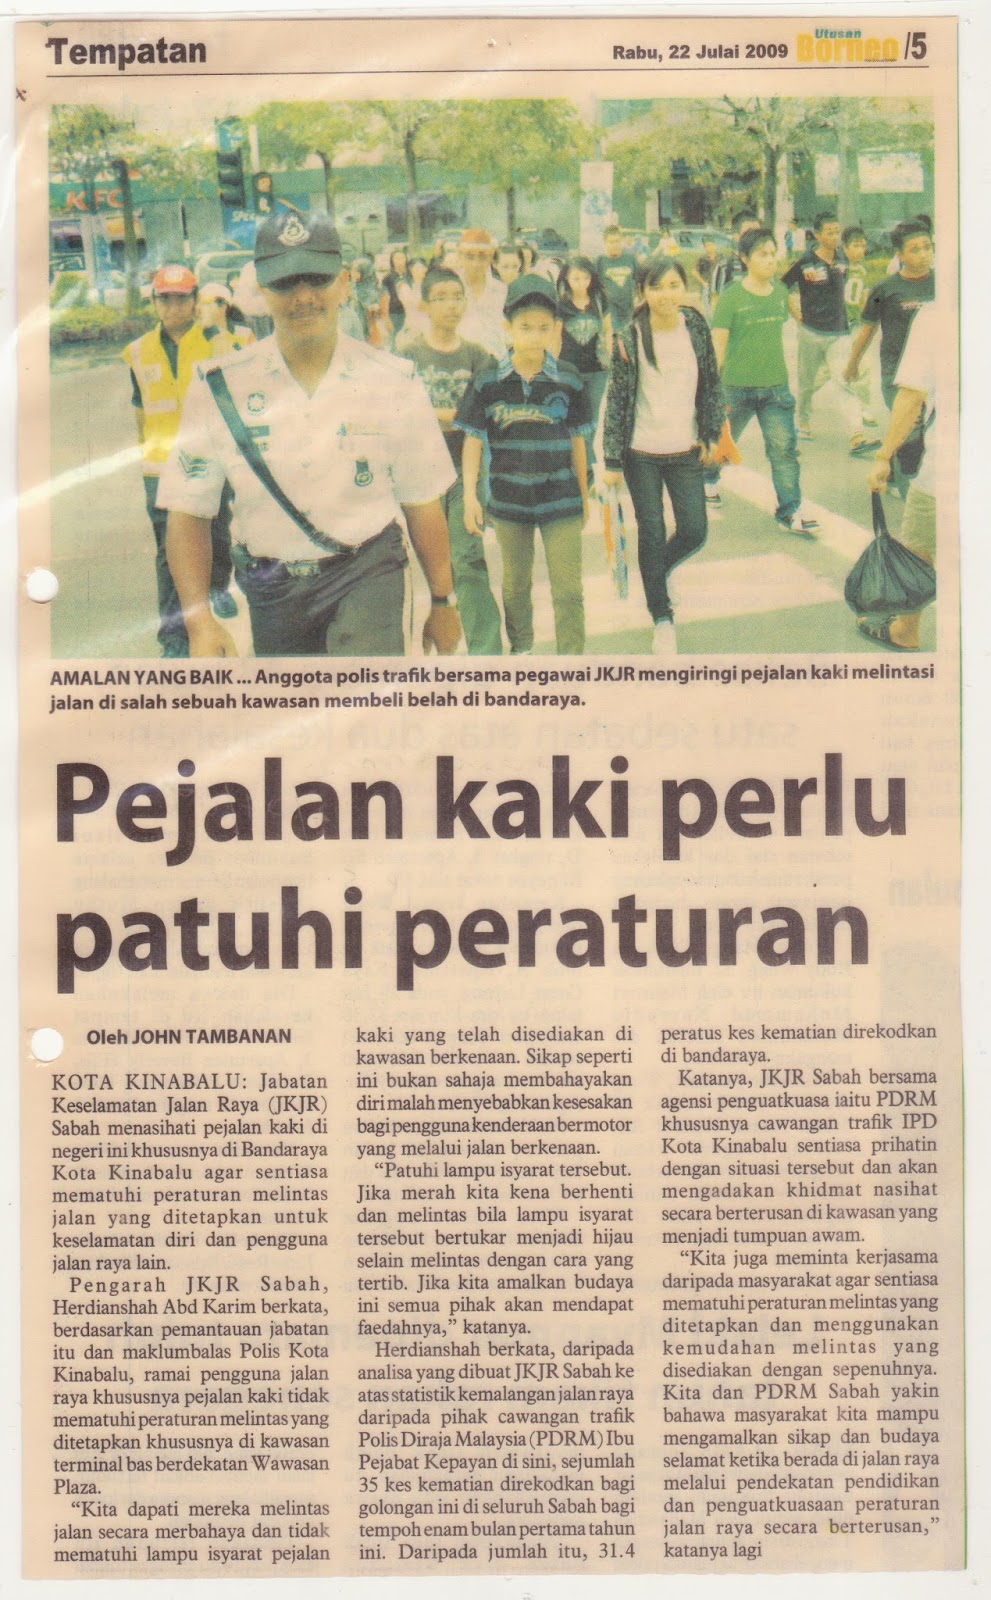 Jabatan Keselamatan Jalan Raya Sabah: Keratan Akhbar dan Isu Terkini